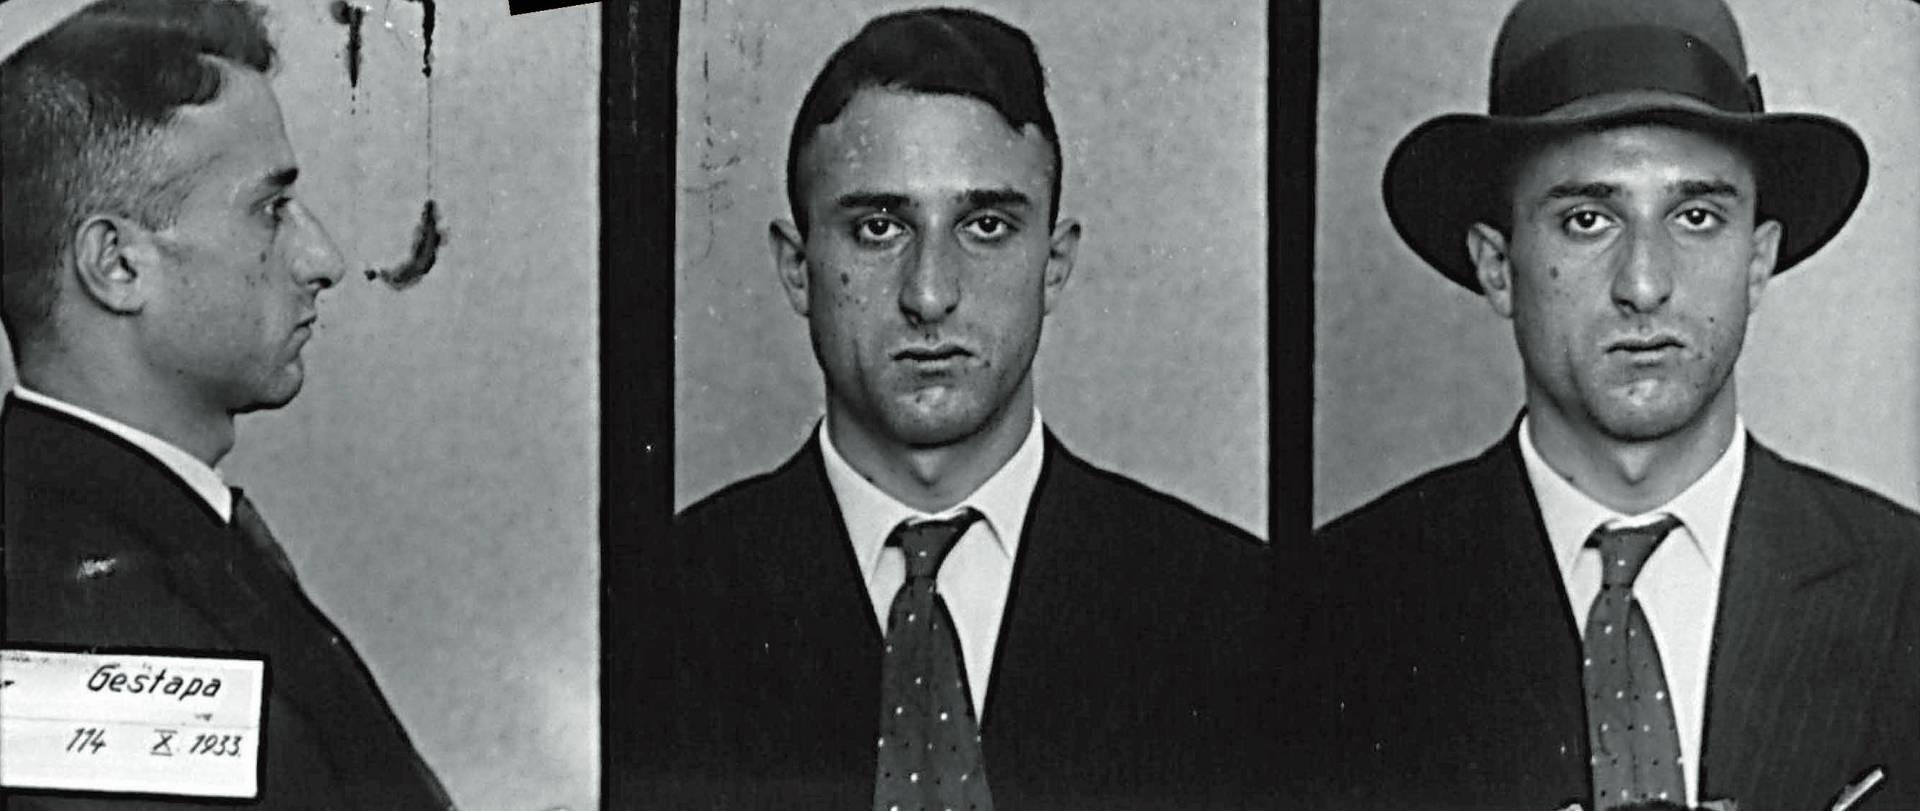 Diese Fotos machte die Gestapo von Rudi Arndt, als er im Herbst 1933 zum zweiten Mal von den Nazis verhaftet wurde. | Quelle: Bundesarchiv